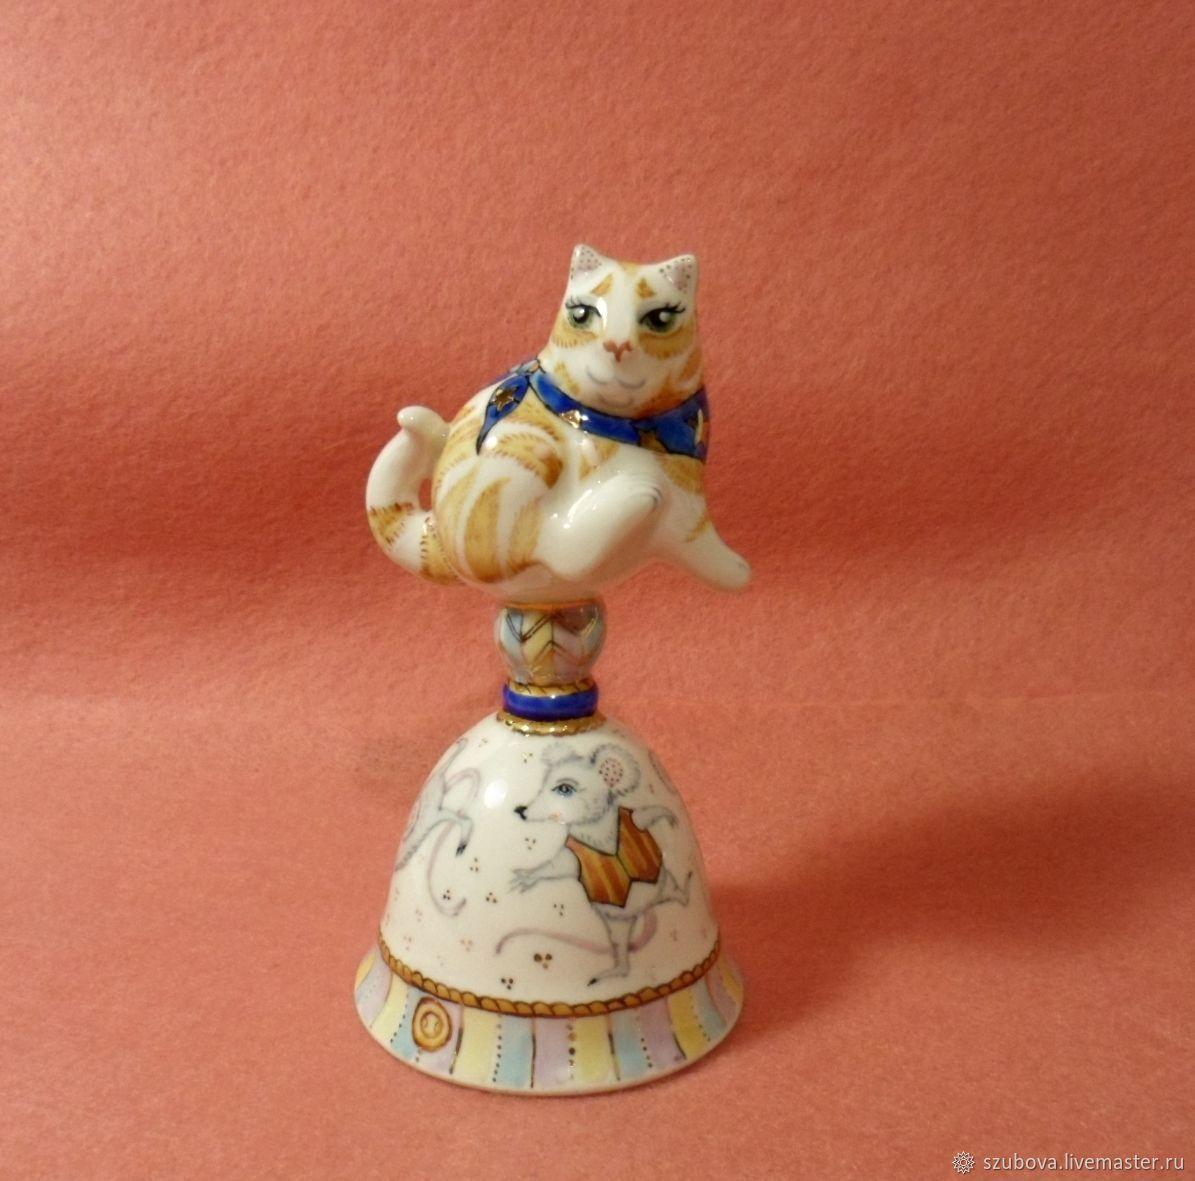 Авторский коллекционный фарфоровый колокольчик `Кот из дома, мыши в пляс`. С.Зубова